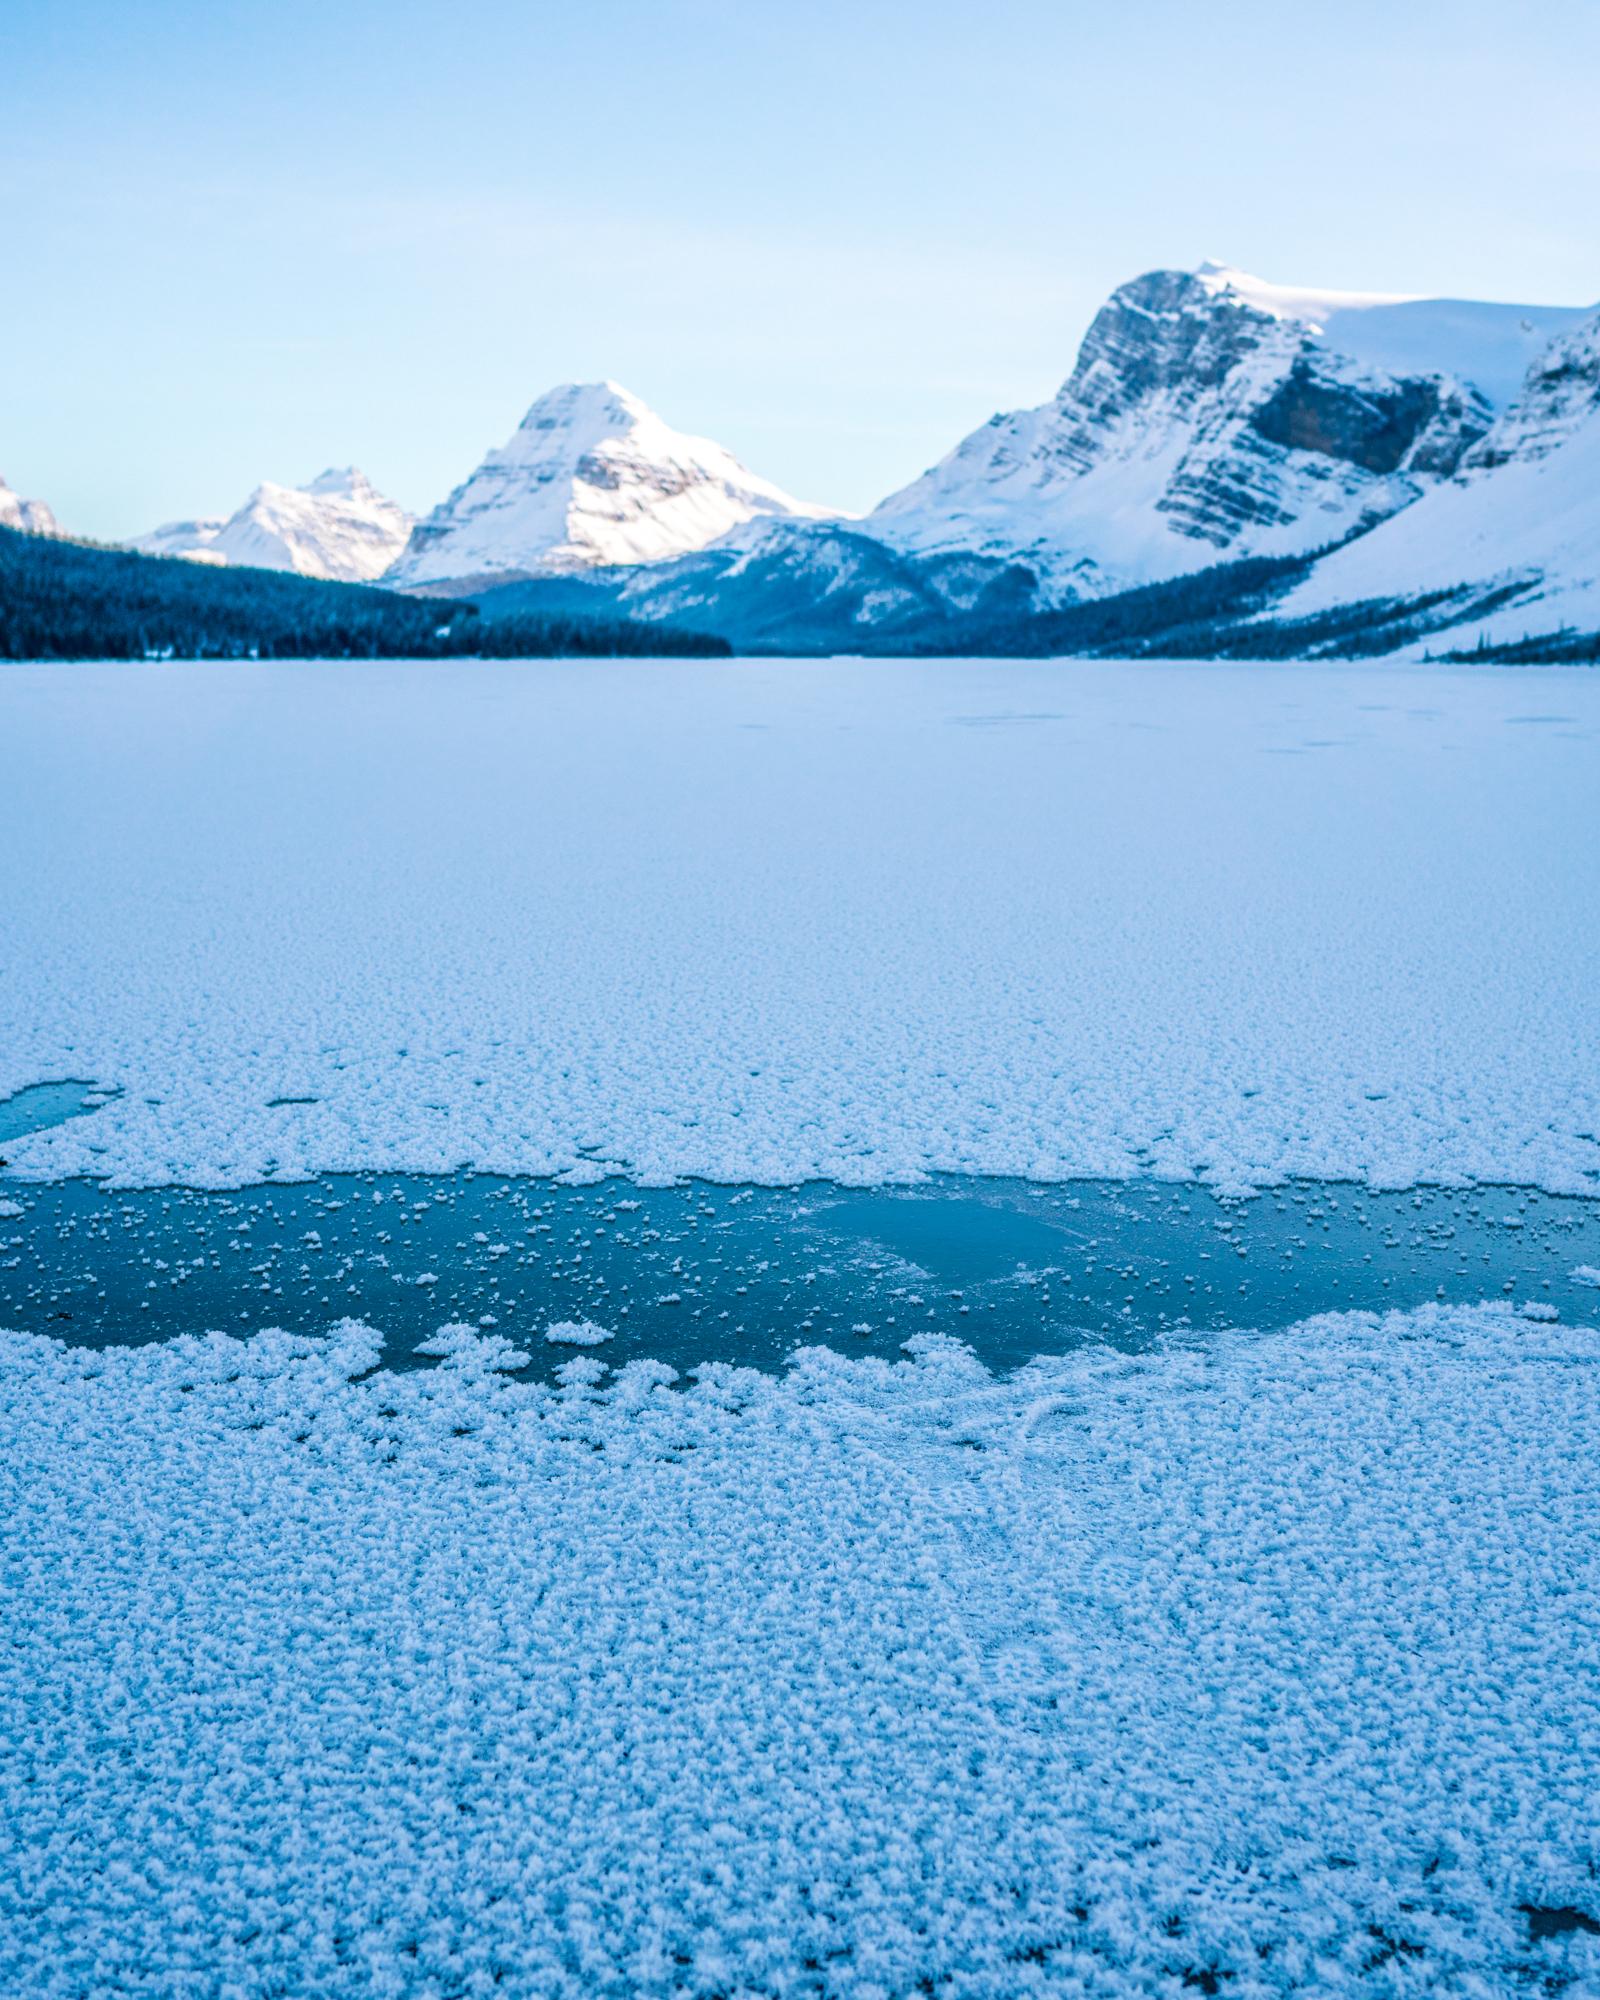 Bow Lake Banff National Park